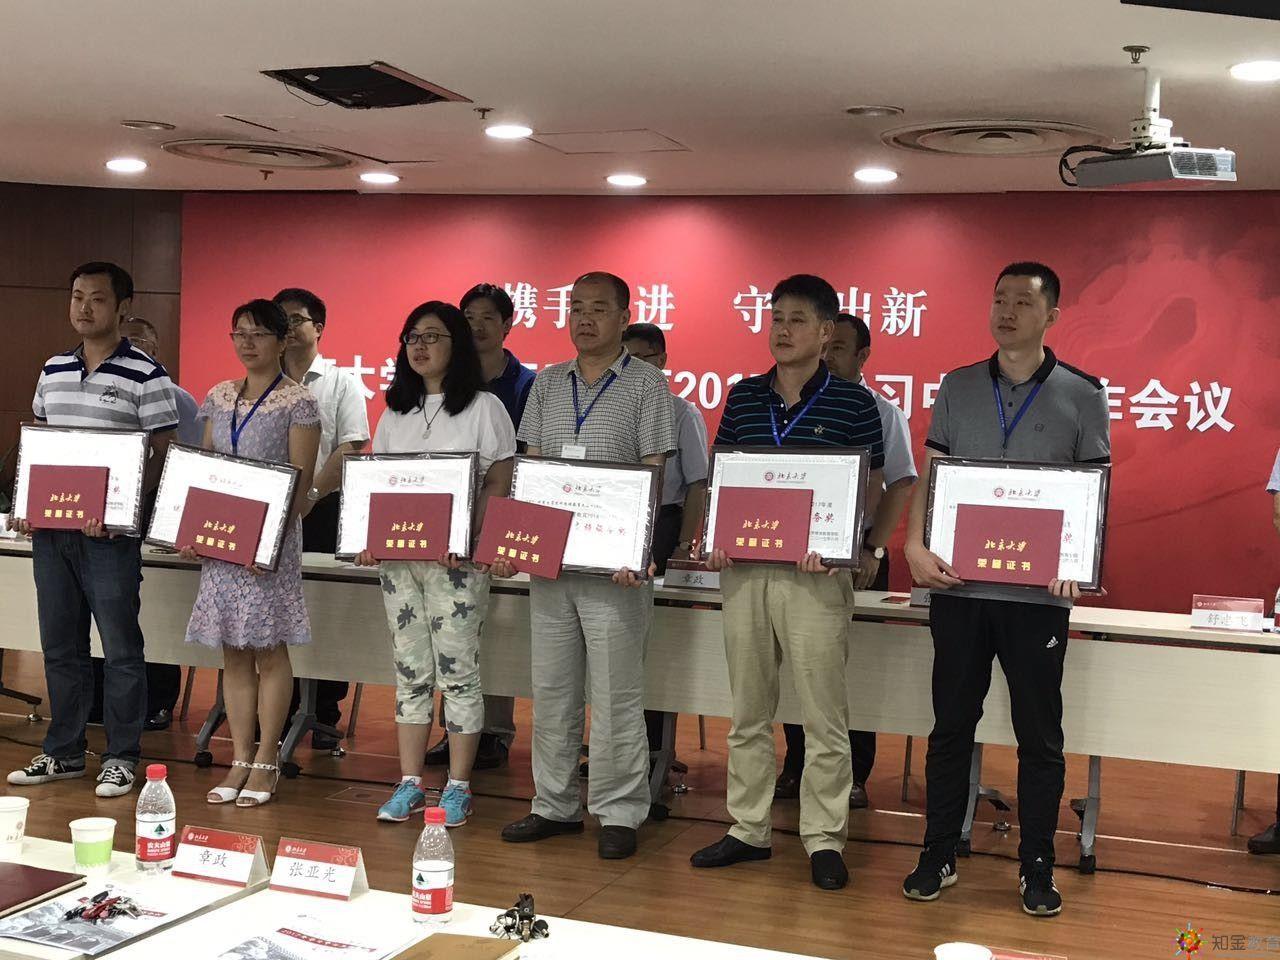 知金教育北京学习中心获评北京大学2017年优秀称号